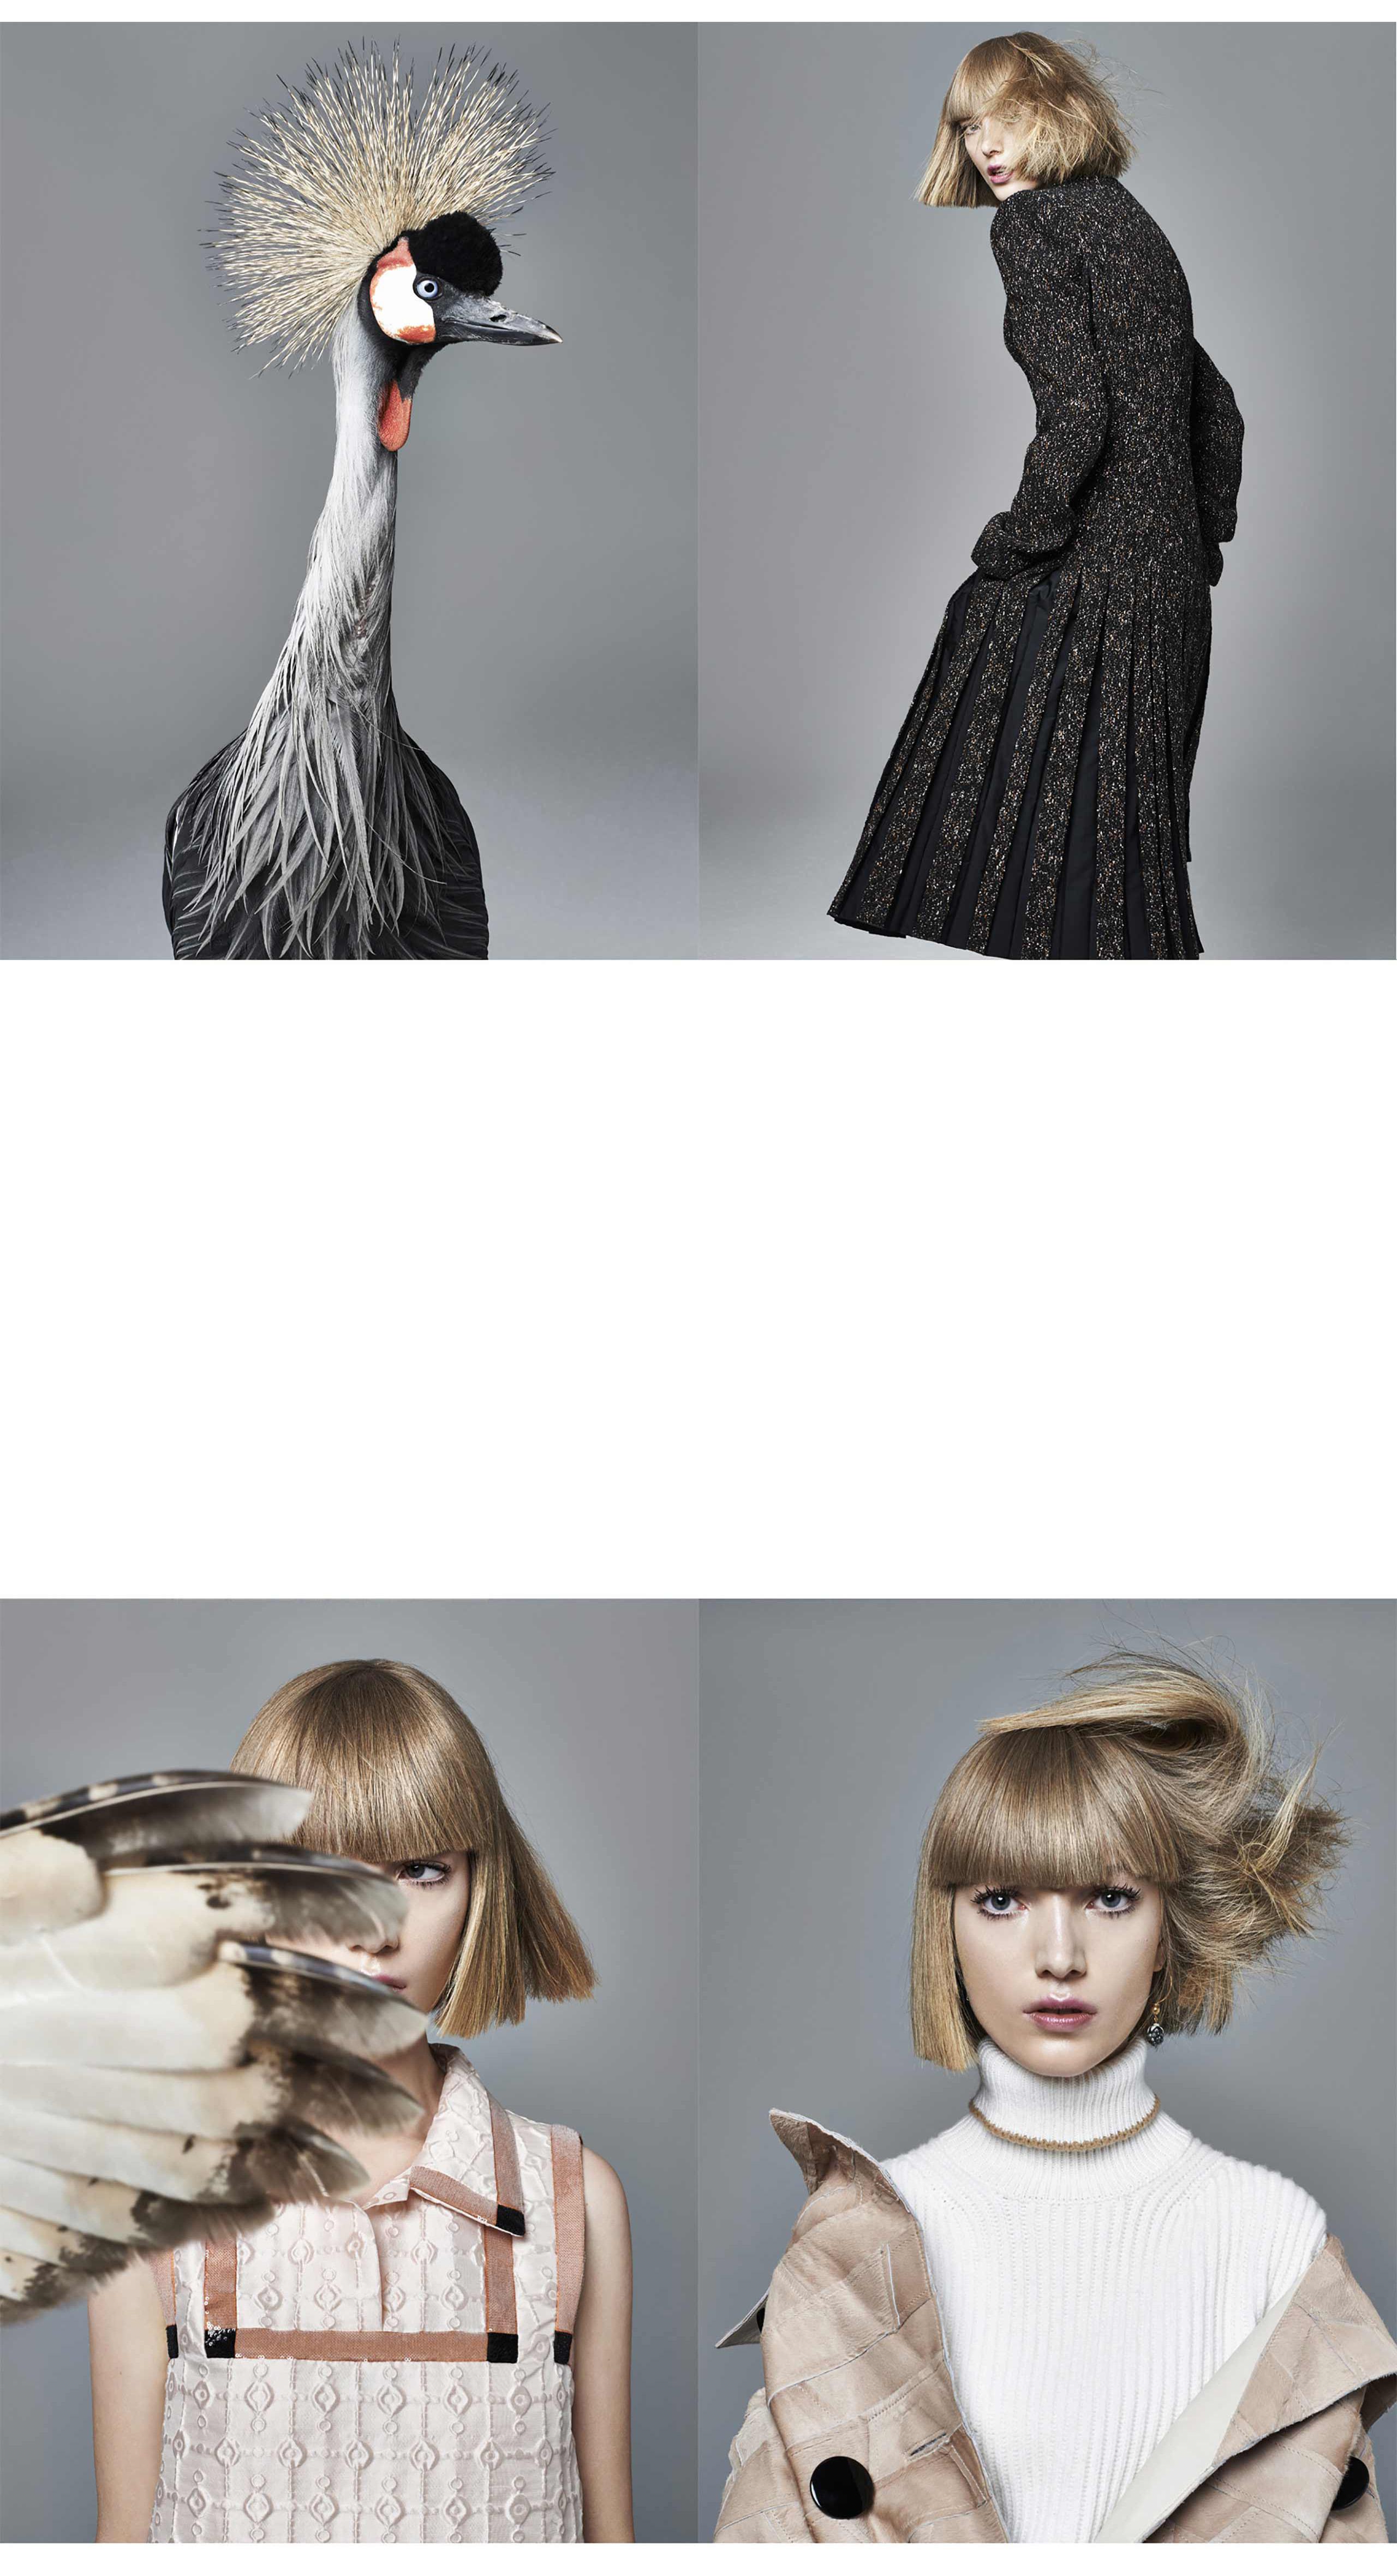 M Lou Schoof PH Jasper Abels ST Antoinette Degens MU Suzanne Verberk H Daan Kneppers NCL-rep FOR Harpers Bazaar NL